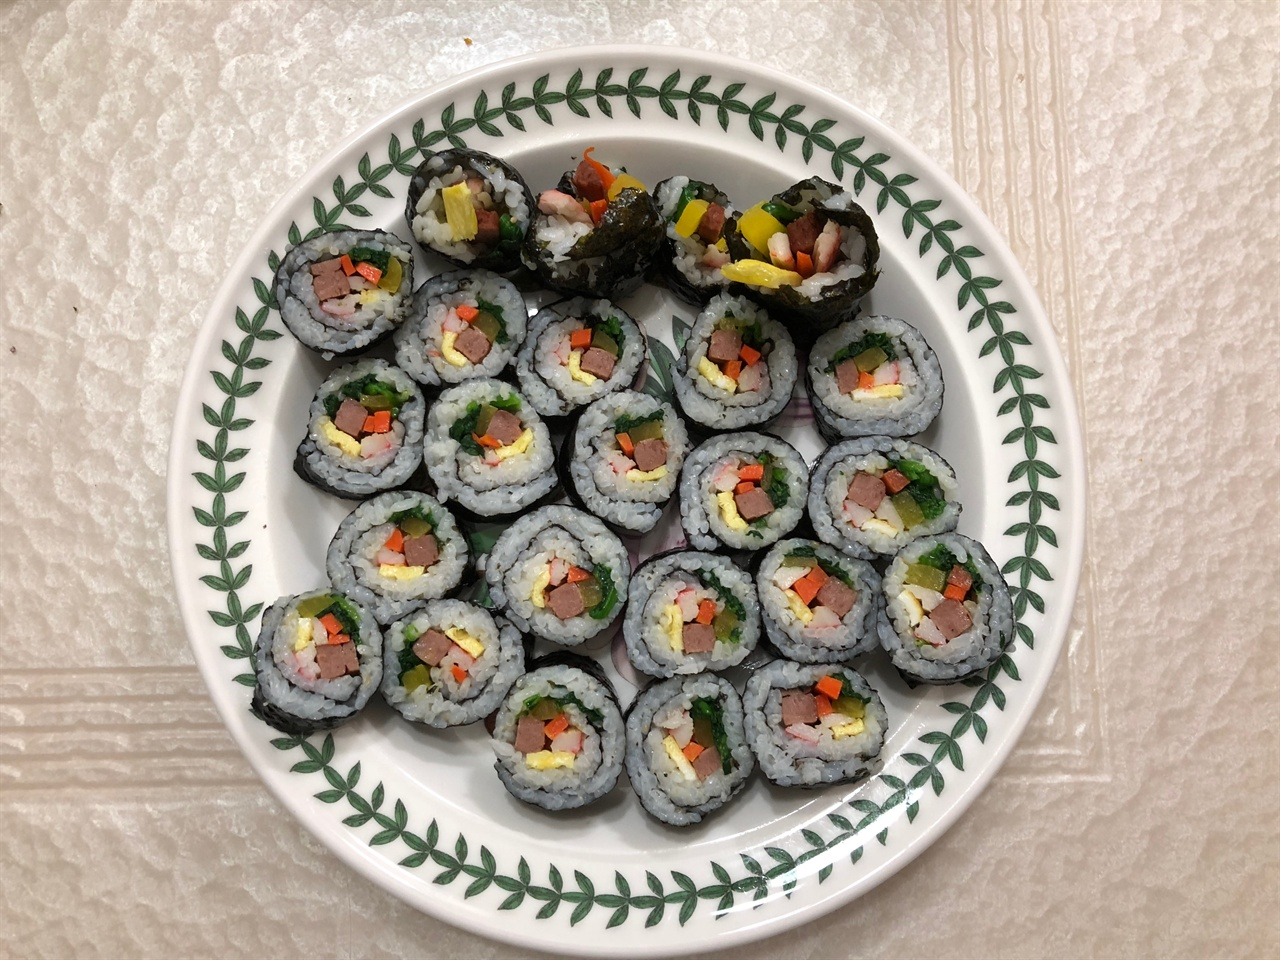 아빠의 사심 가득 김밥2 아이들에게 간식으로 싸준 김밥사진입니다